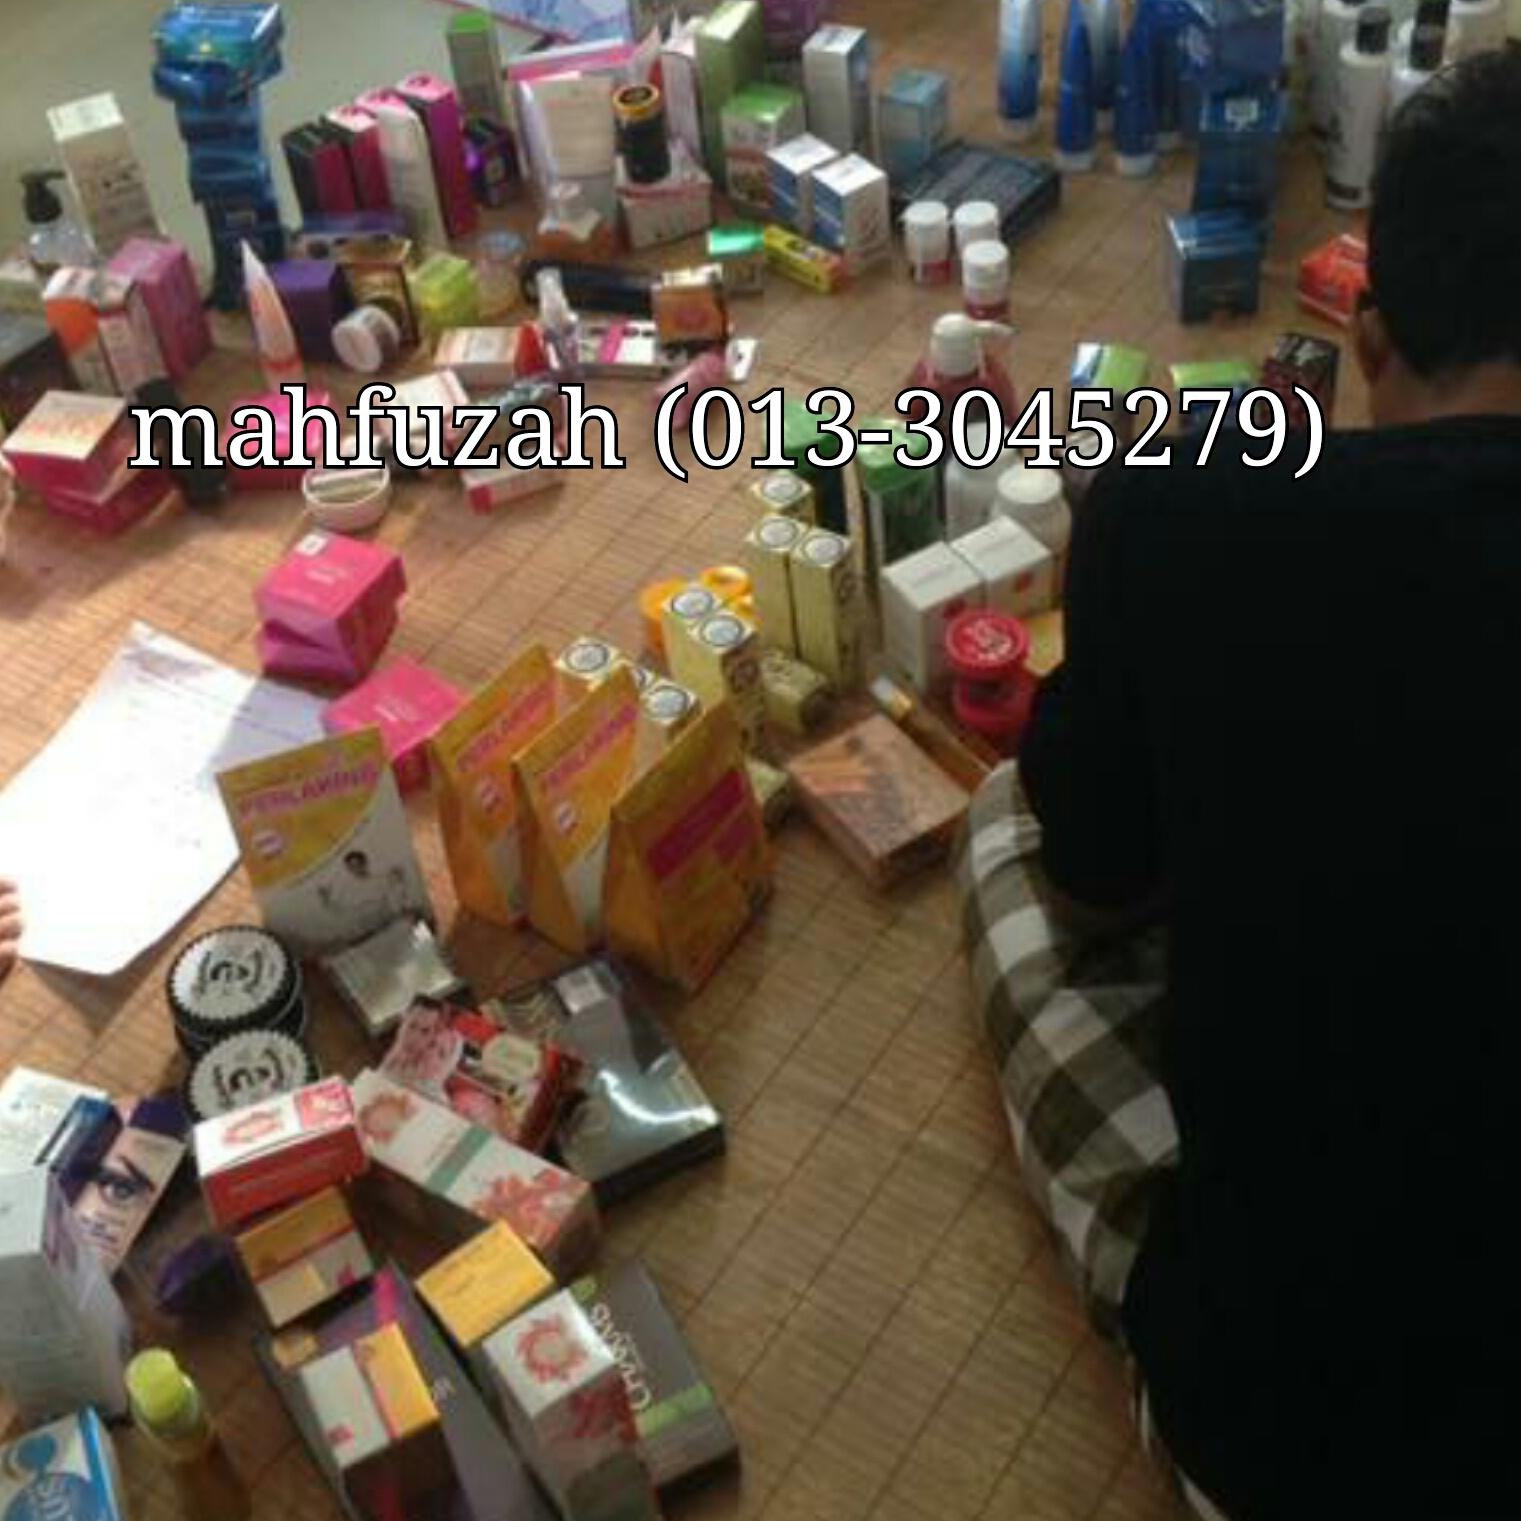 SERVICE SAMPAI BRG TERIMA DENGAN HARGA PROMOSI 013-3045279